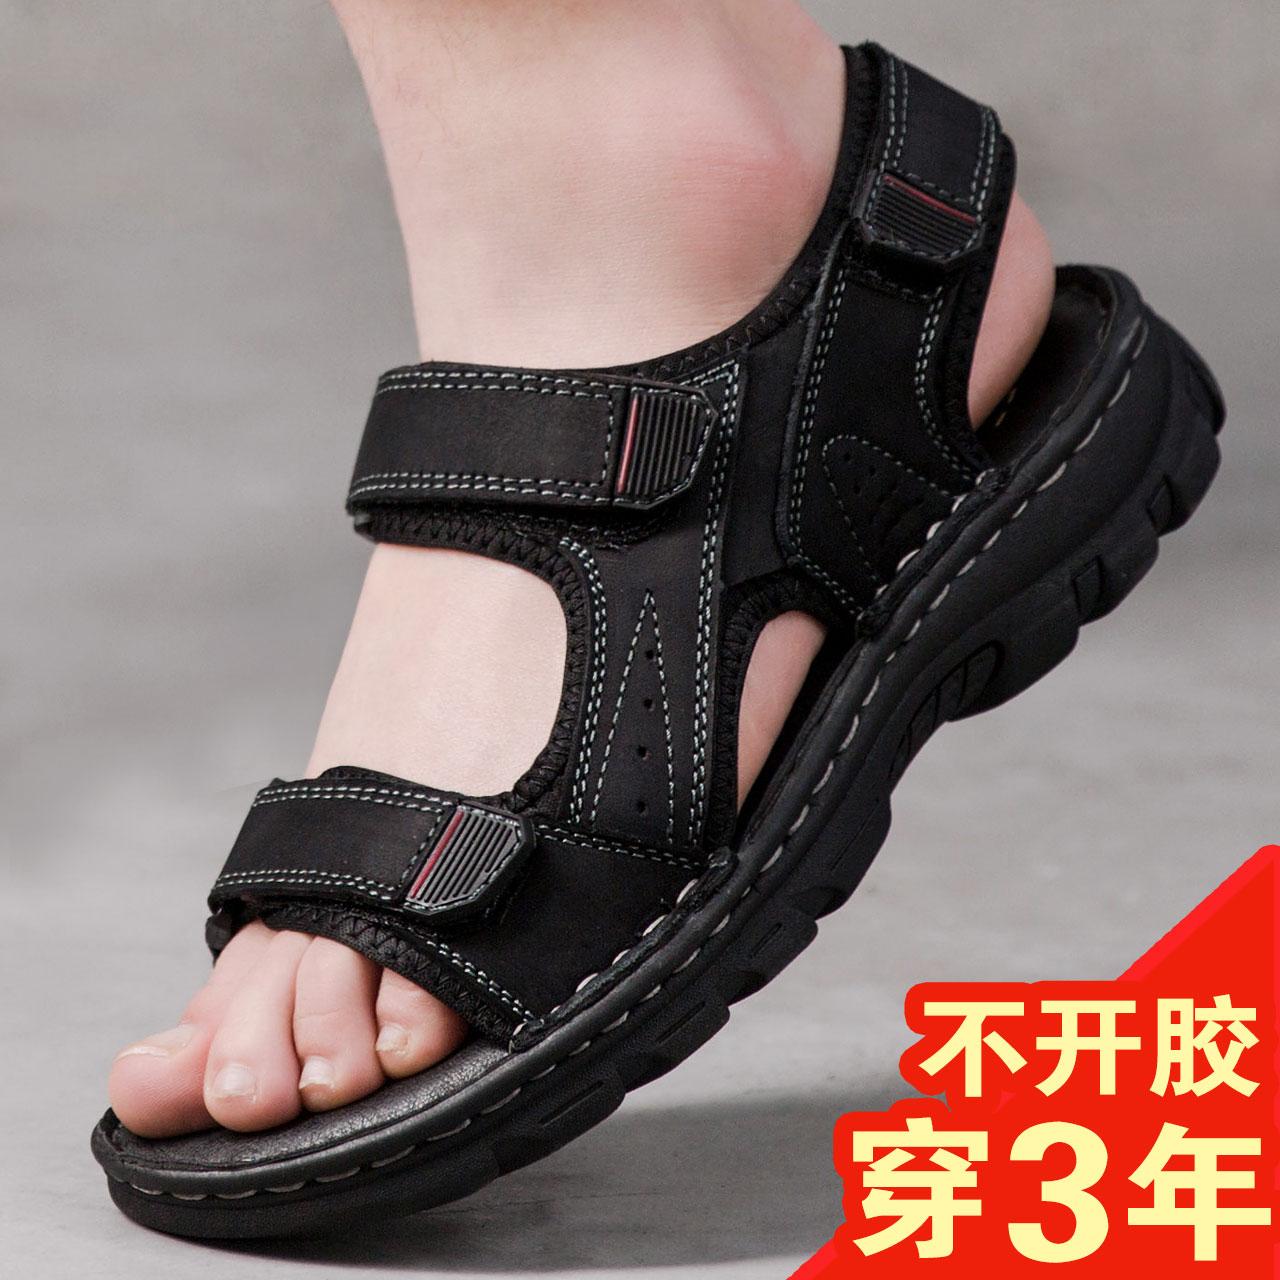 2019新款夏季真皮凉鞋男休闲鞋运动沙滩鞋潮流青年两用凉拖鞋外穿